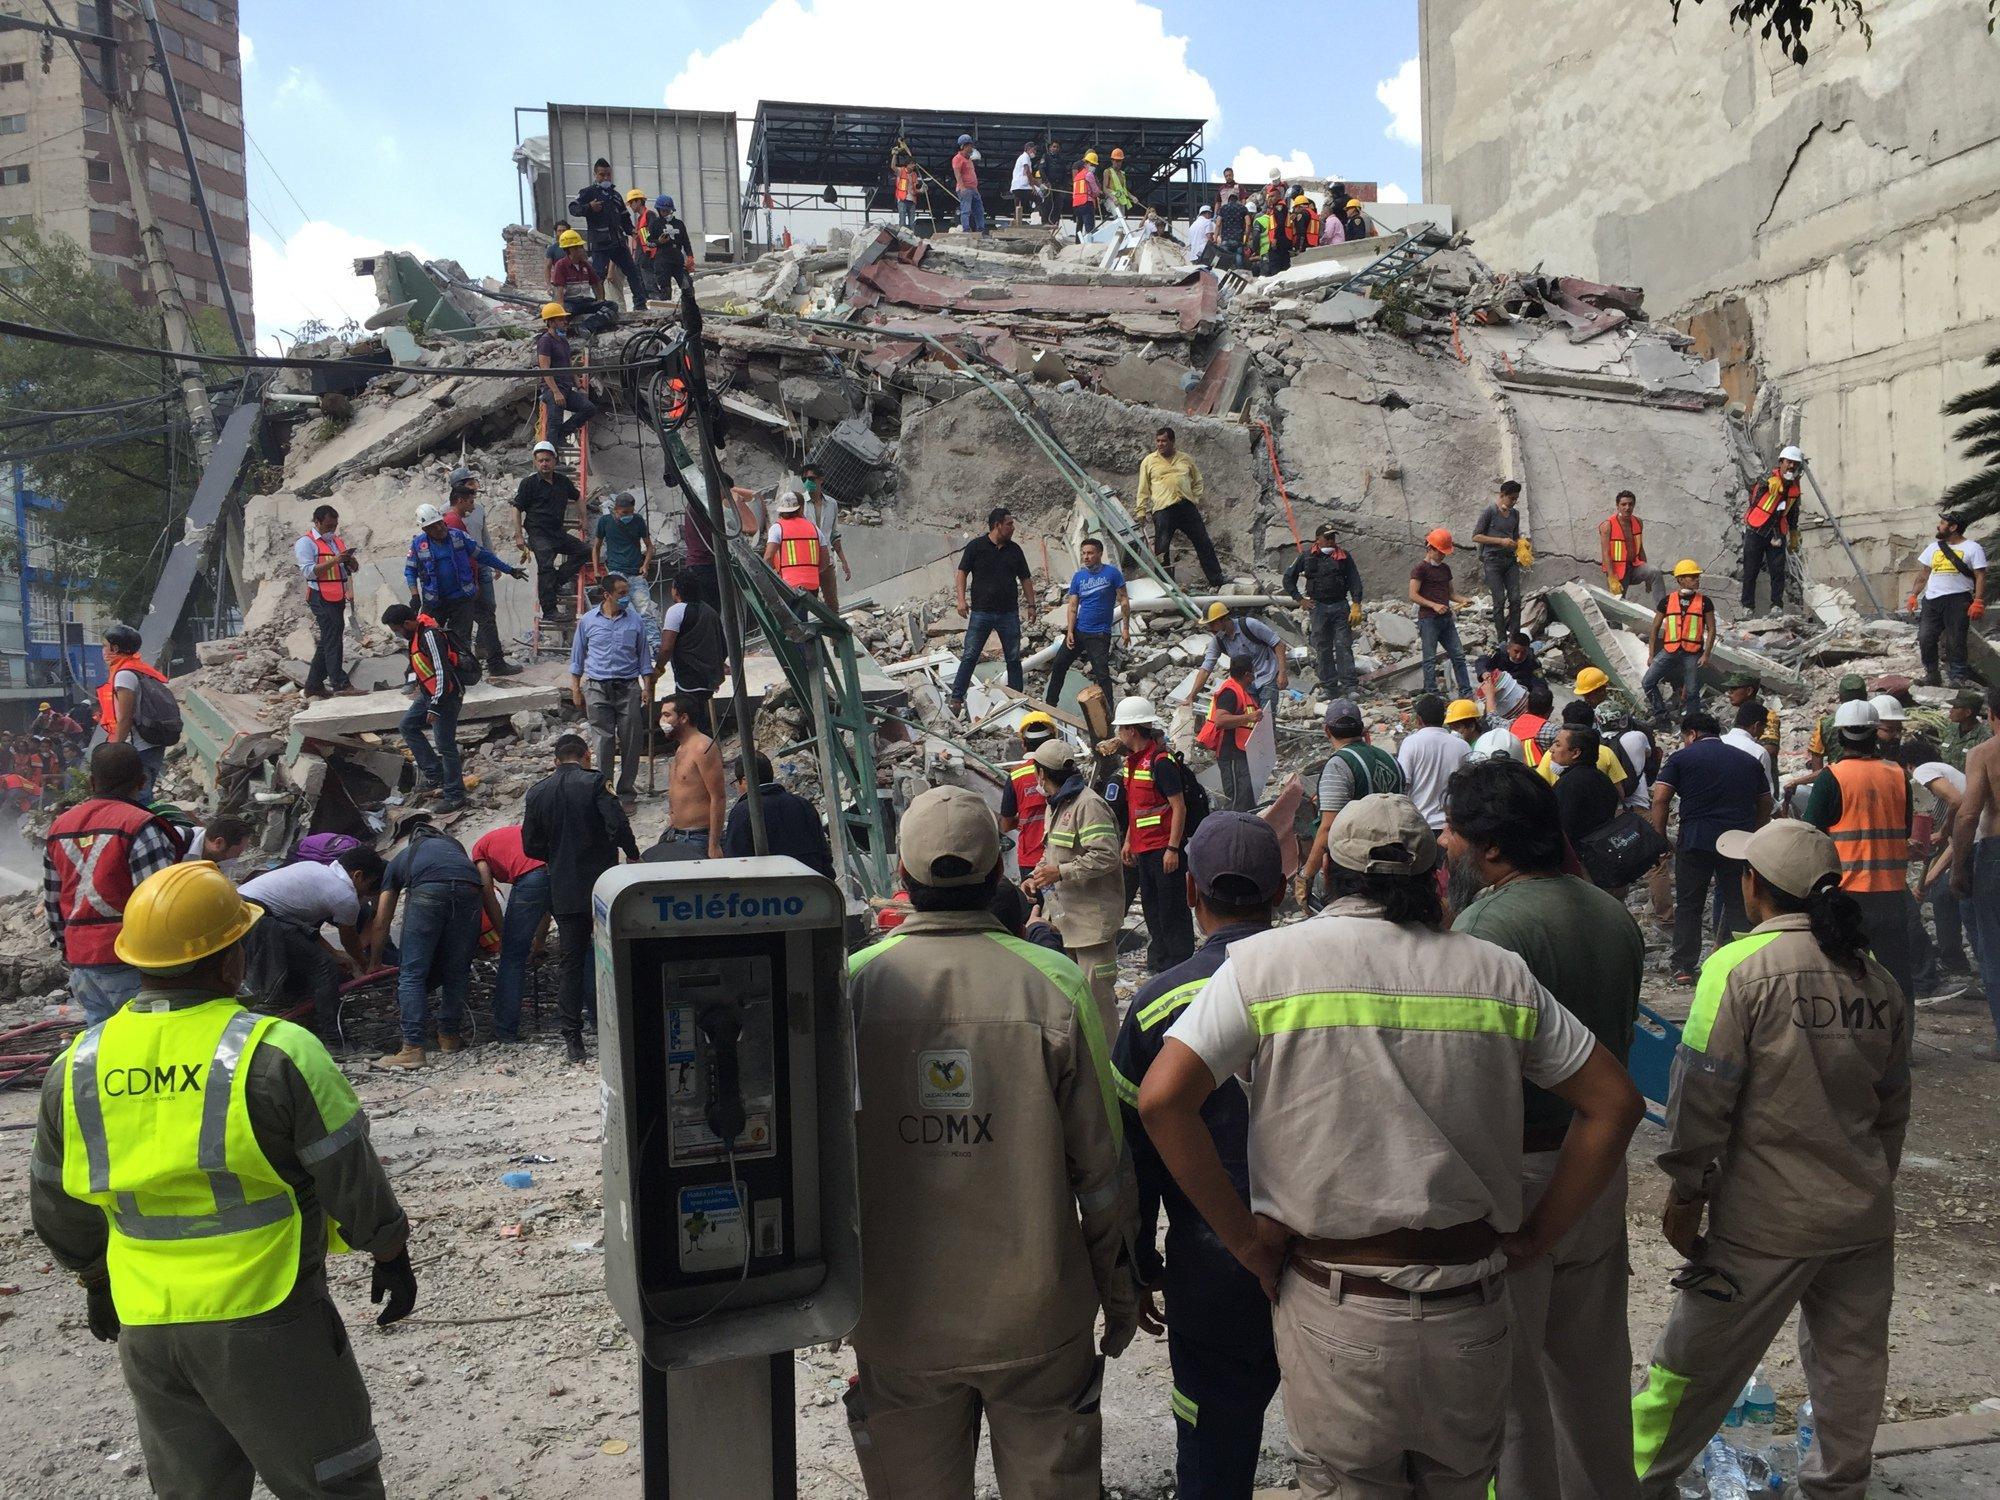 ÚLTIMA HORA | Las autoridades elevan a 79 los muertos en México https://t.co/S1Y9h7uqim https://t.co/FFB0NTDCJw